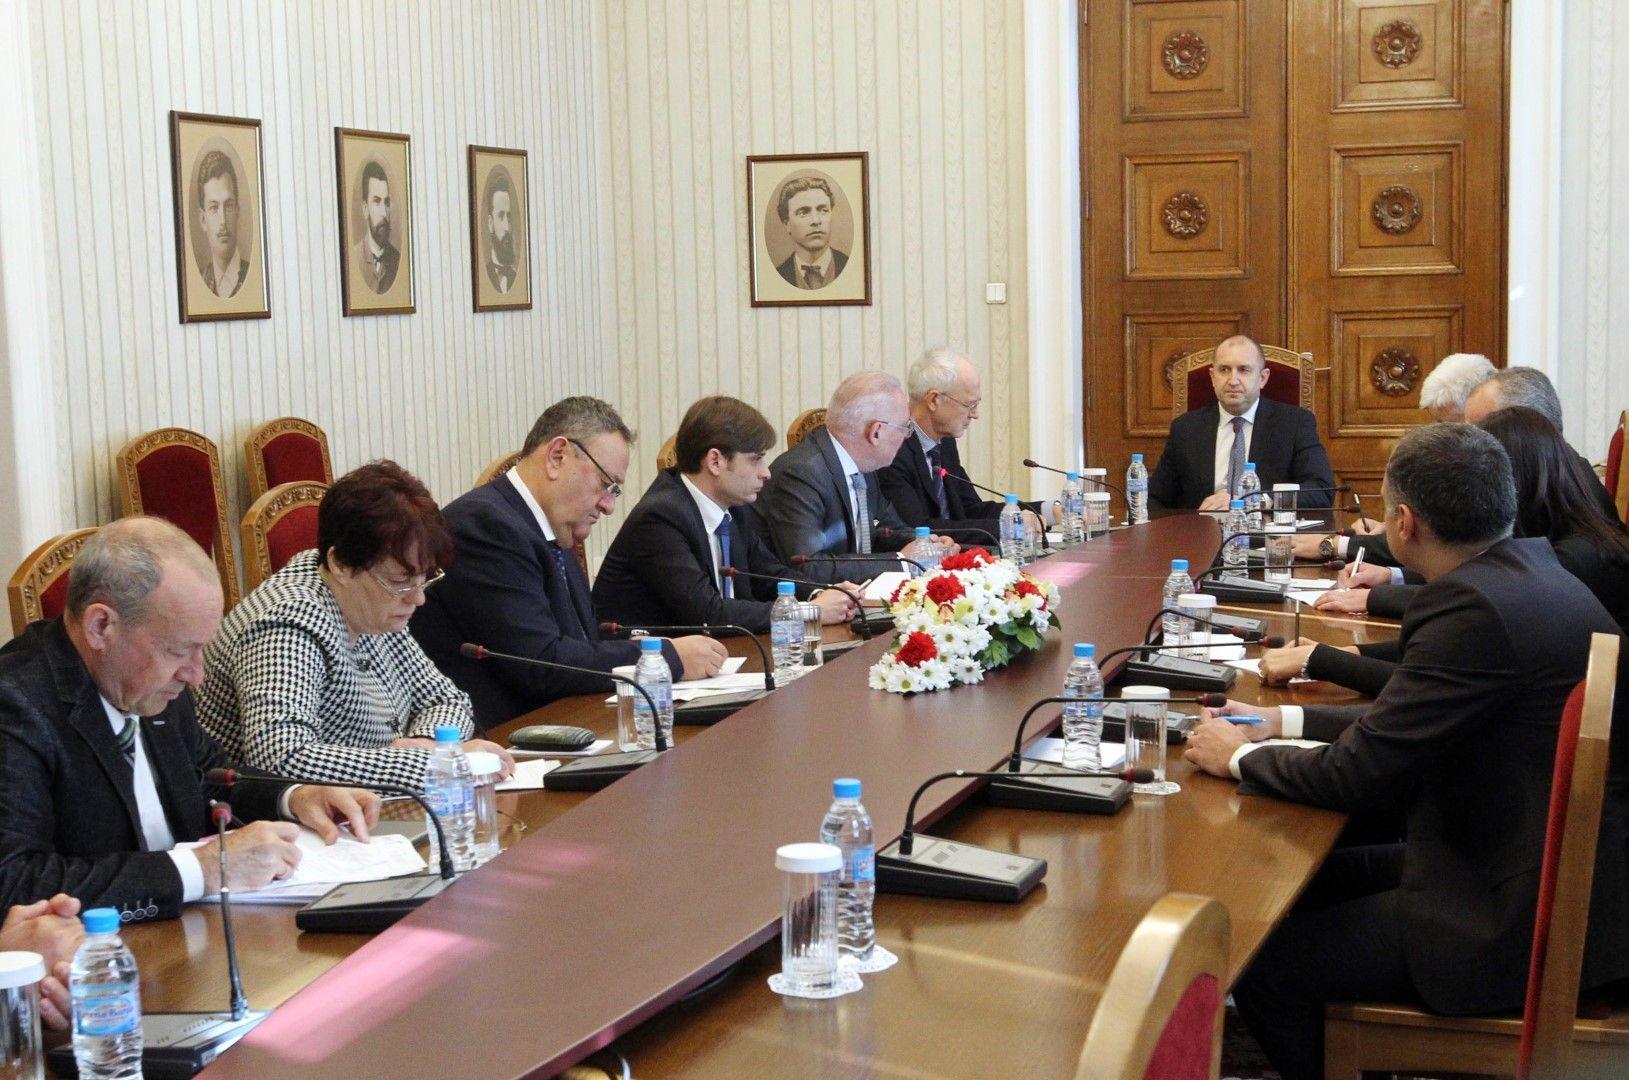 Държавният глава се срещна с ръководствата на национално представителните работодателски организации в страната и обсъди с тях влиянието на пандемията върху бизнеса